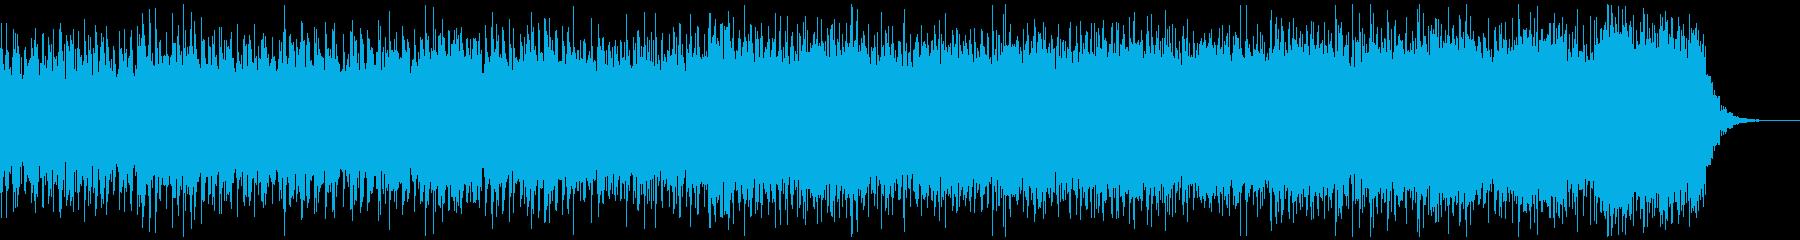 【近未来的】オシャレ、IT,AIデジタルの再生済みの波形